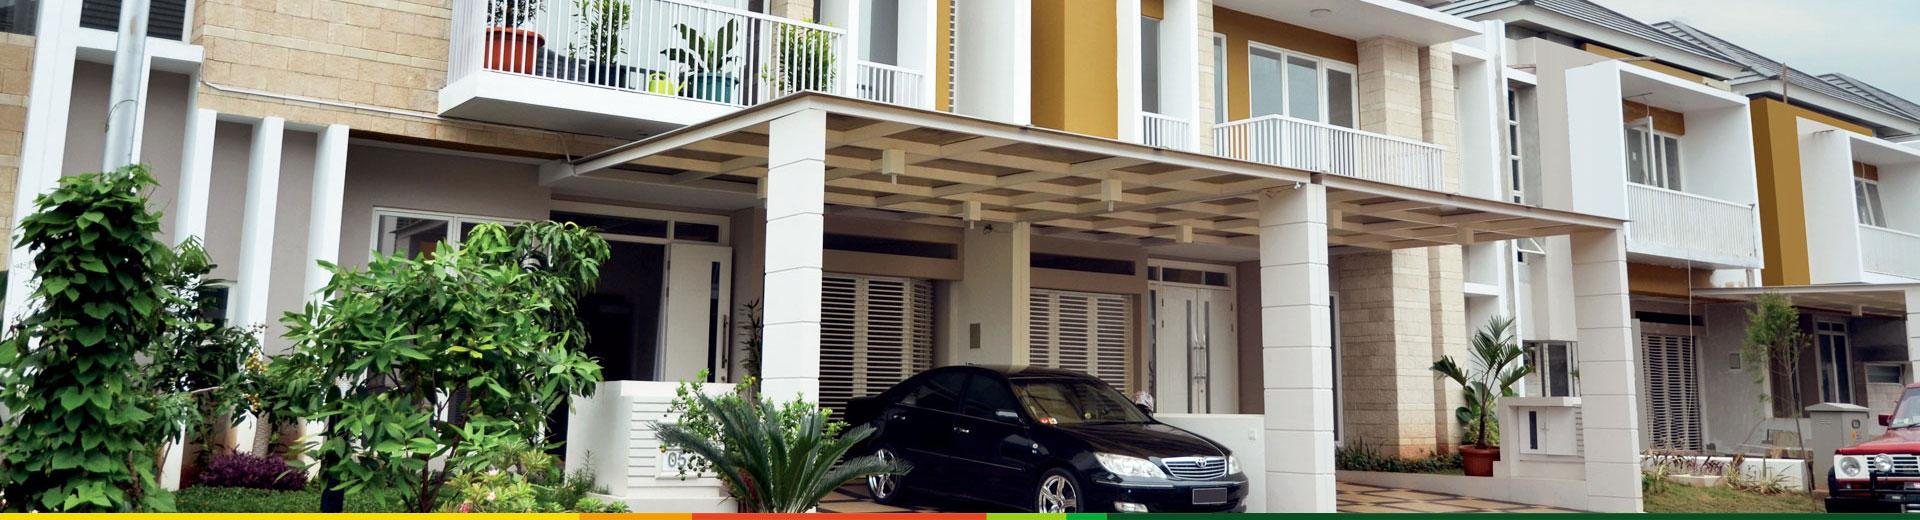 banner-maple-residence-2